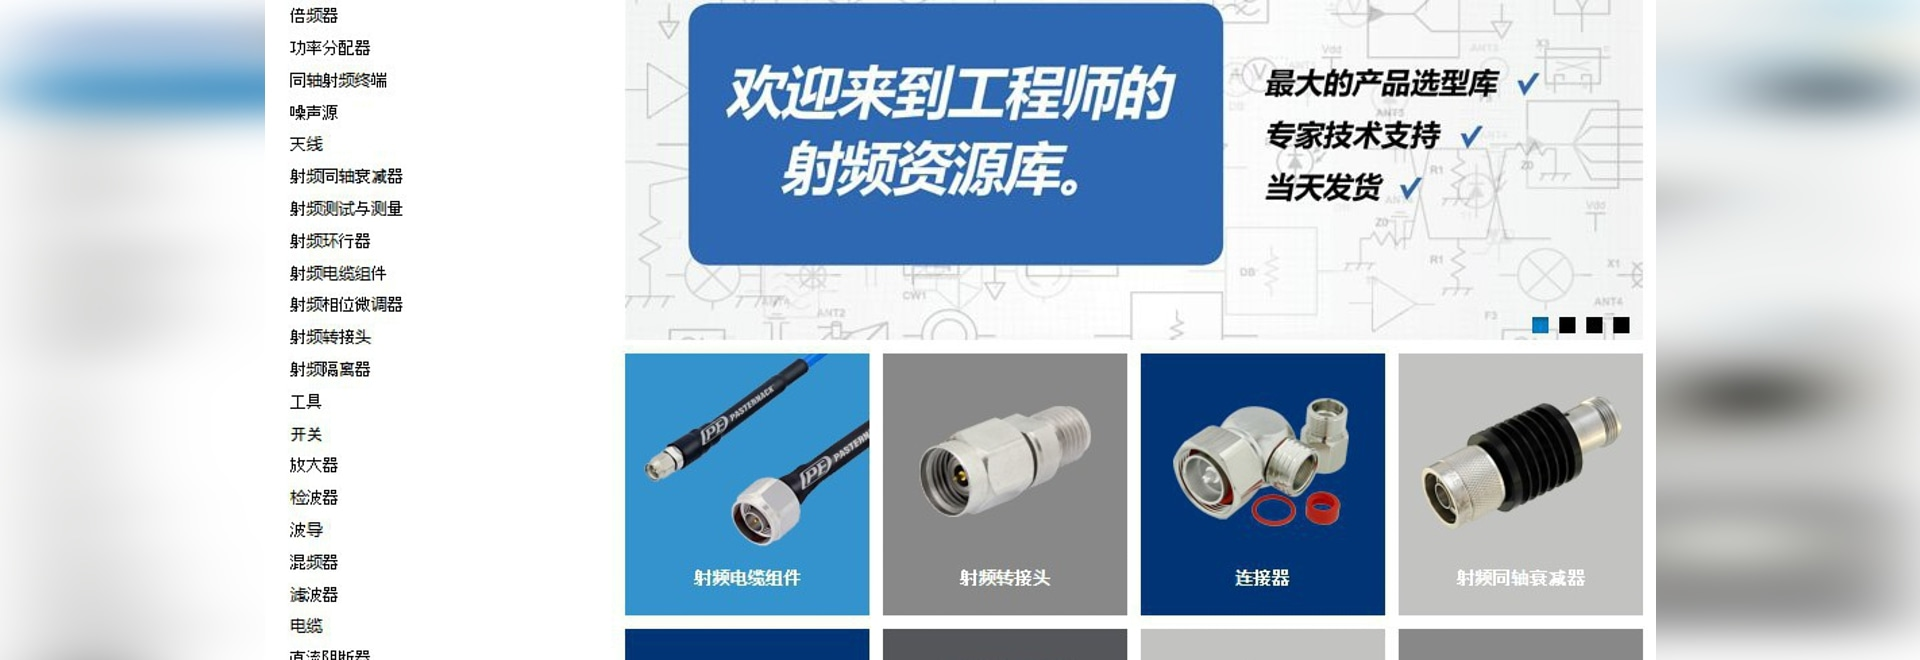 Pasternack öffnet Kunden-Erfüllungs-Mitte in China